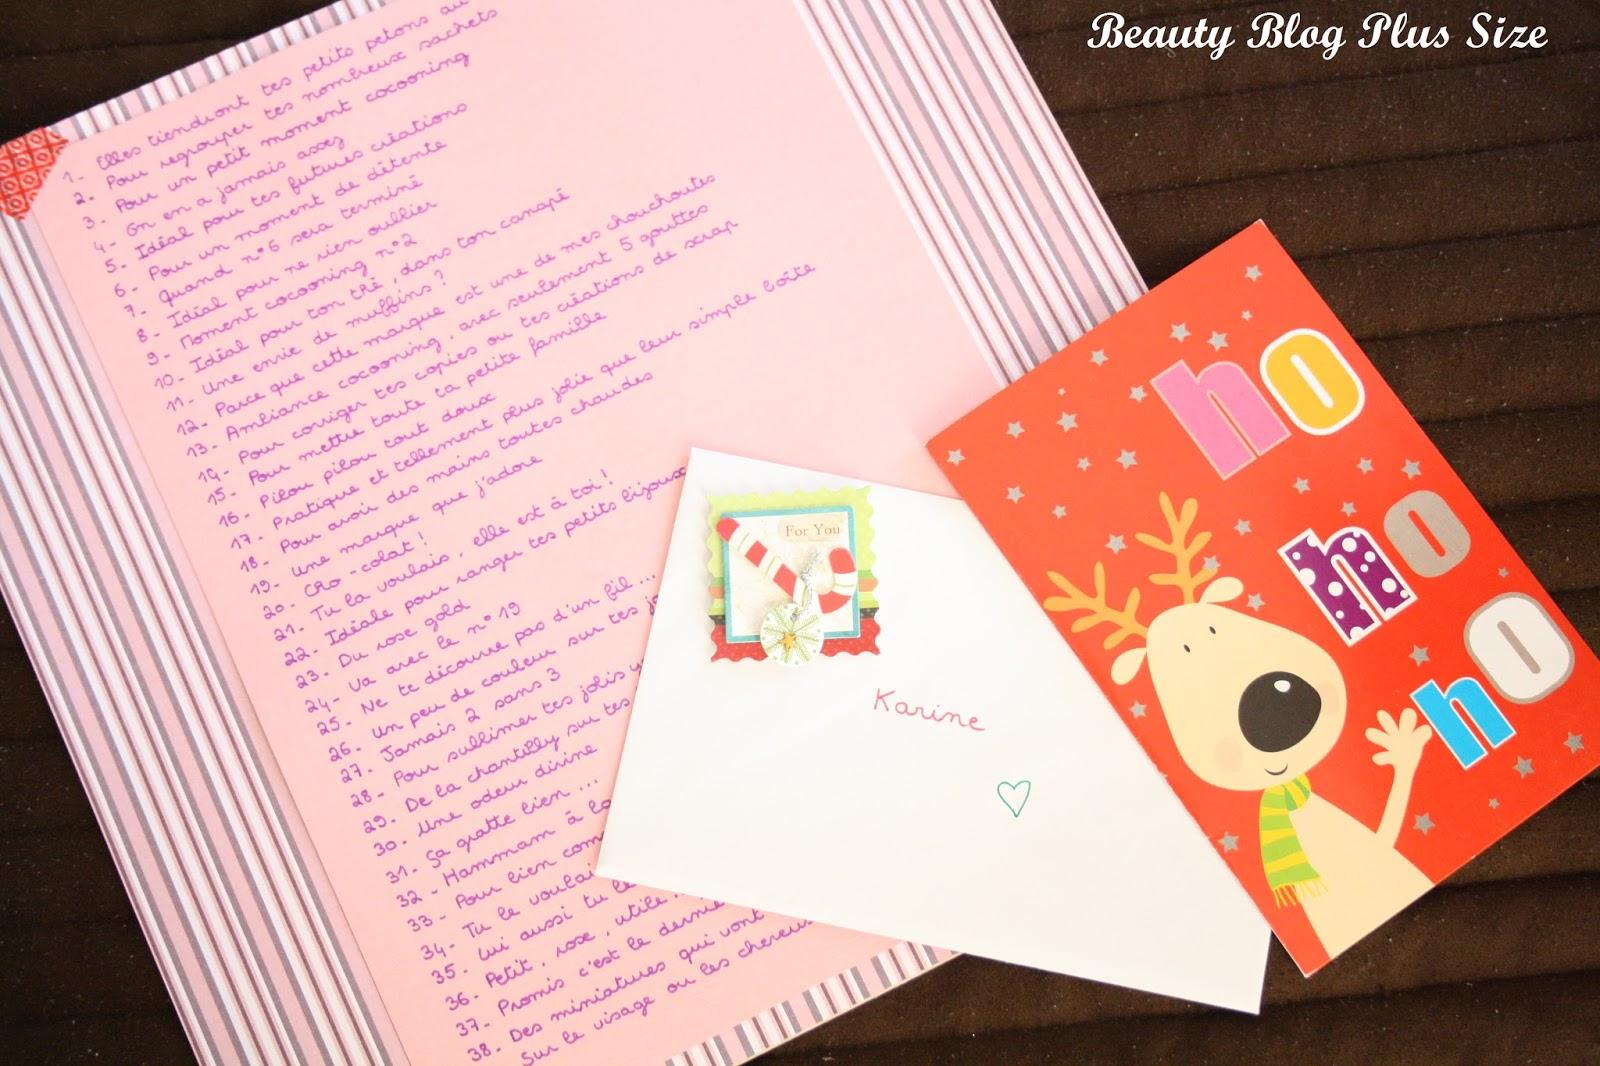 Wonderful Beauty Blog Plus Size : SWAP de Noël avec BBpulpeuse [dernier SWAP] HP33